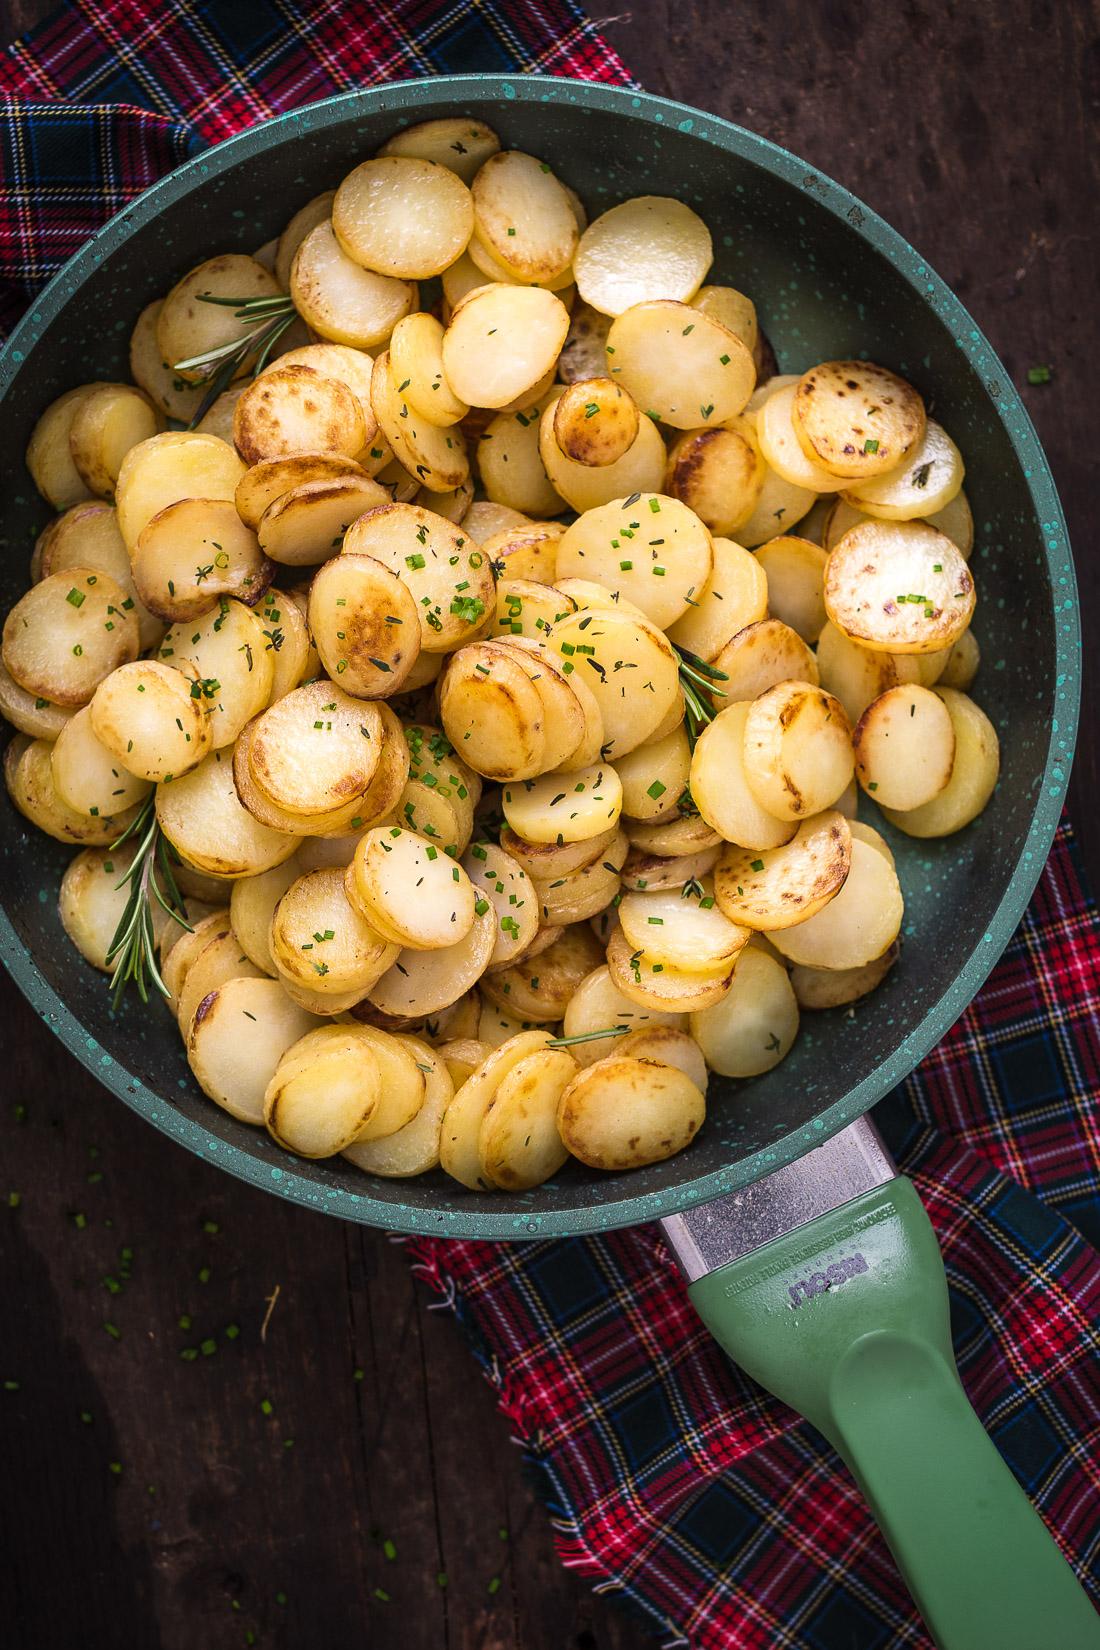 ricetta papatate arrostite in padella light facili veloci rostkartoffeln tirolesi senza burro